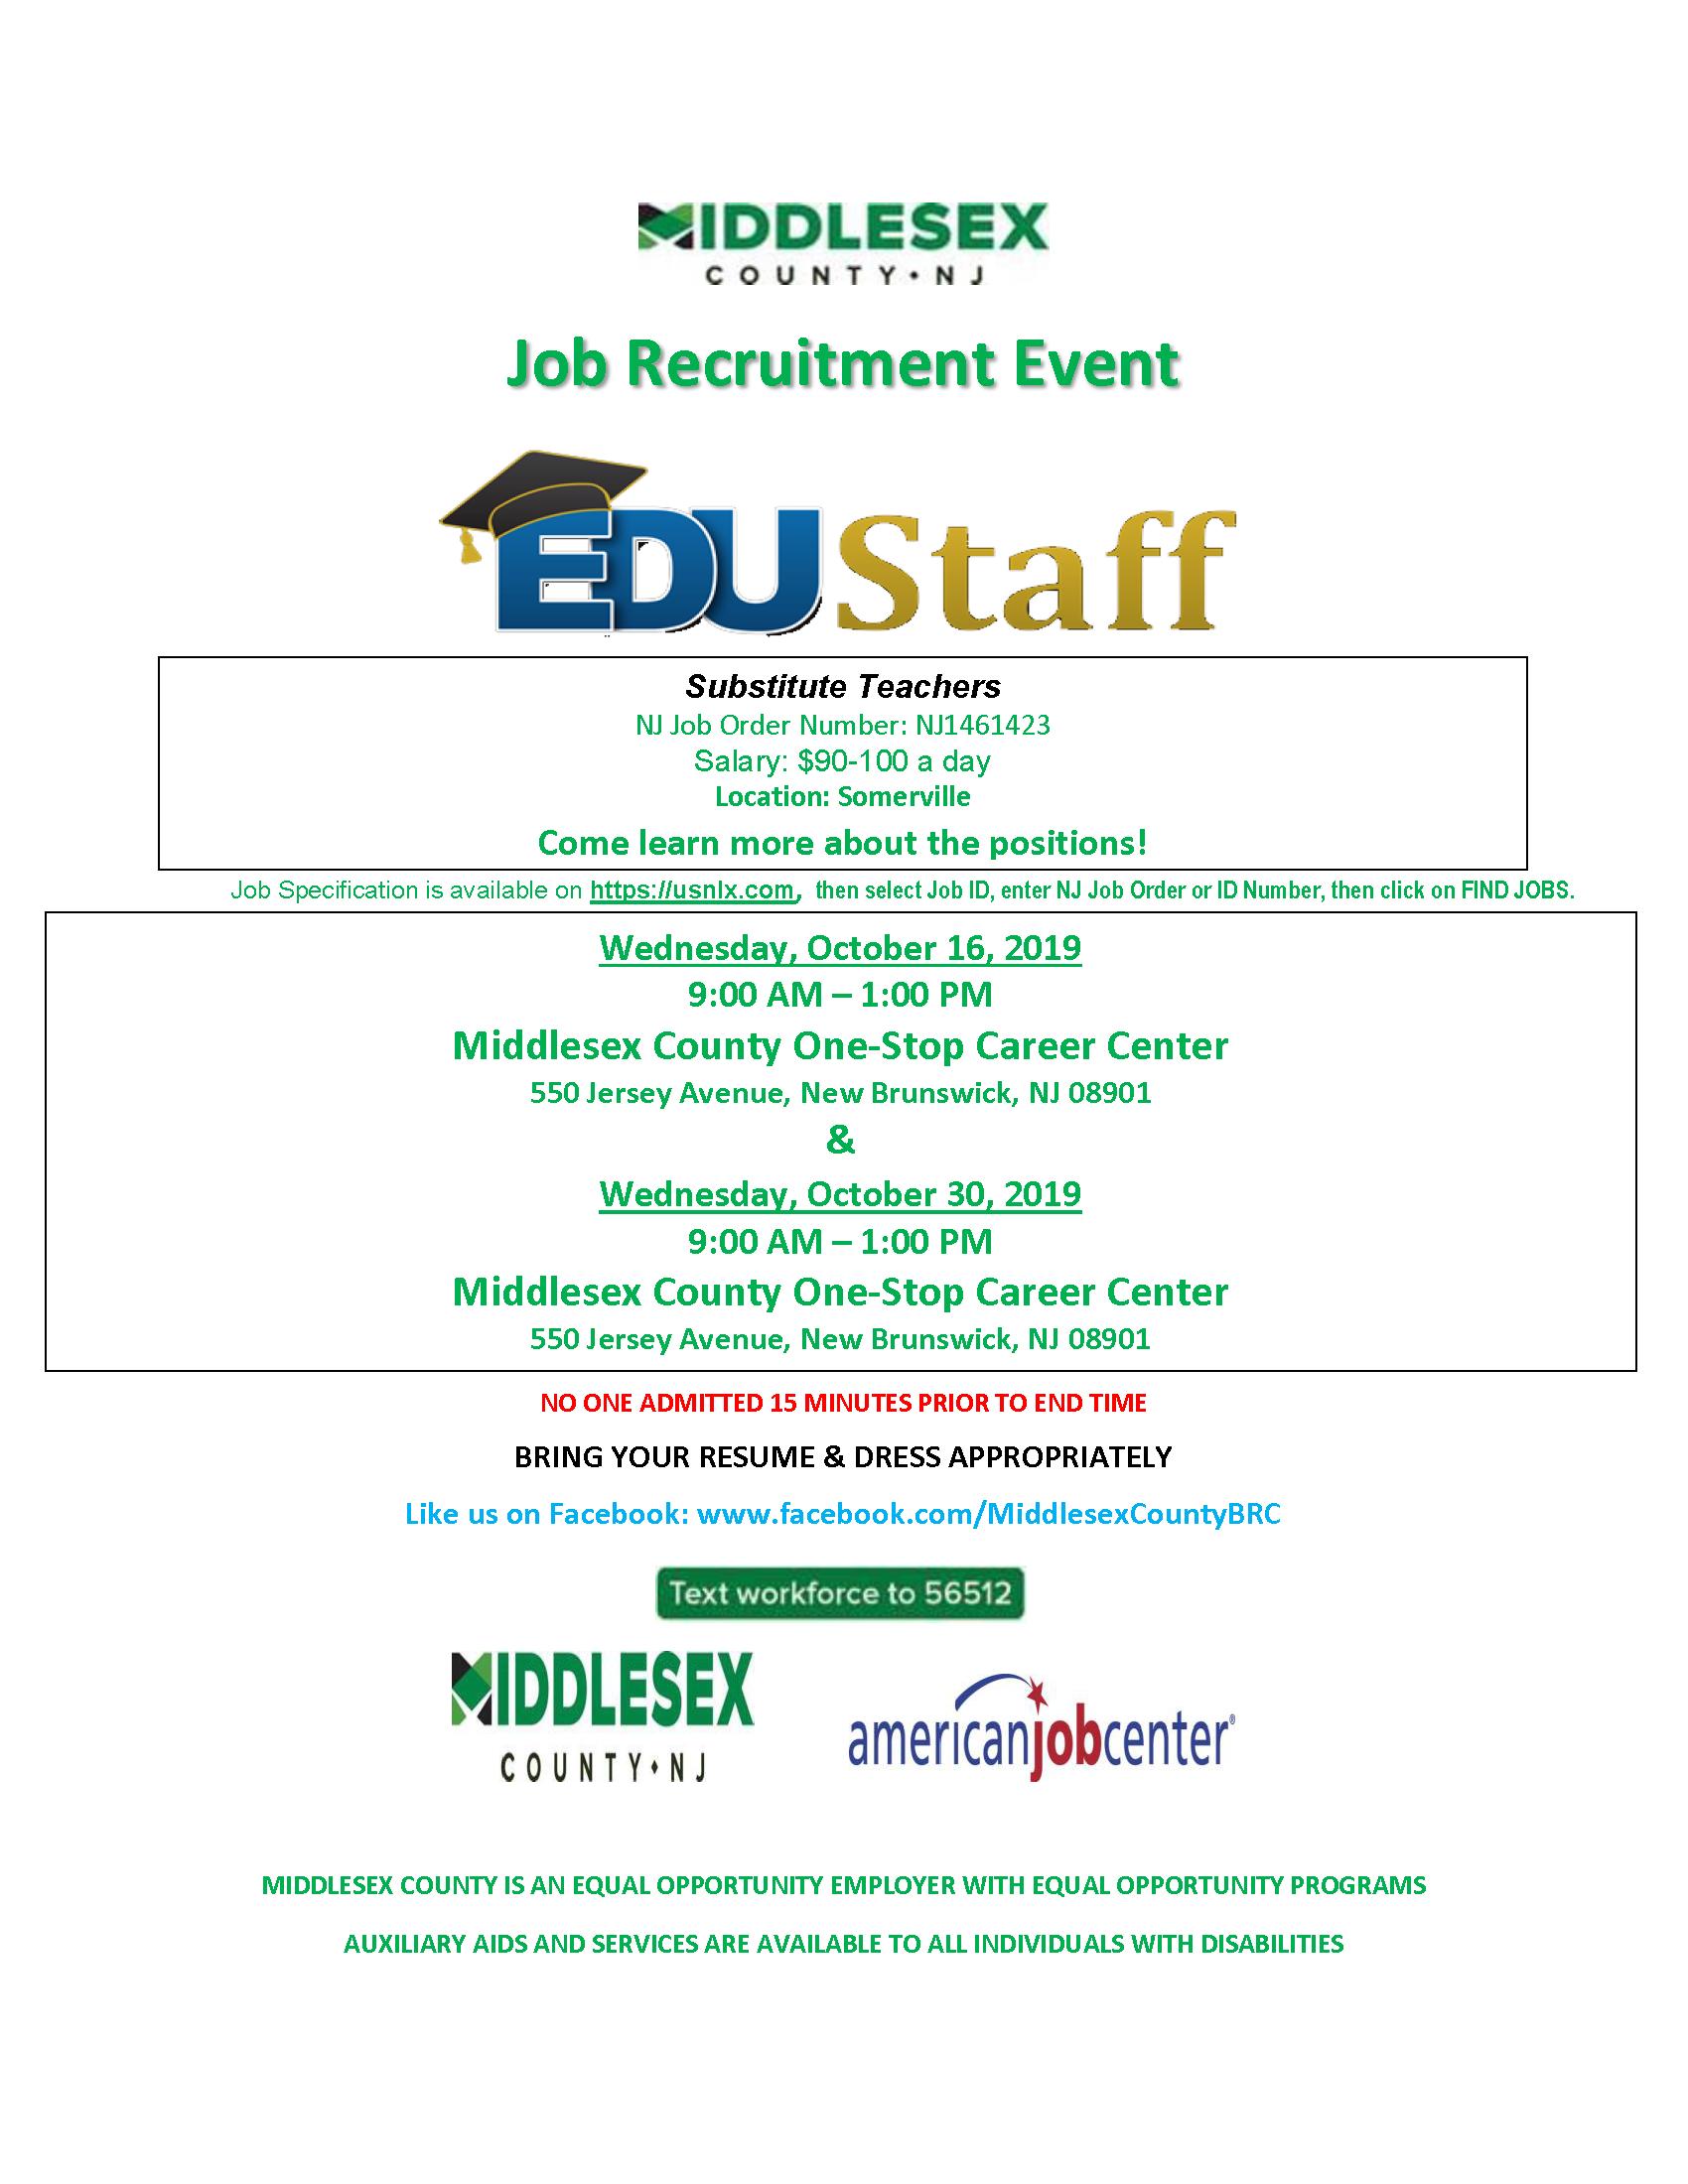 Job Recruitment Event- EDUStaff  (Substitute Teachers)